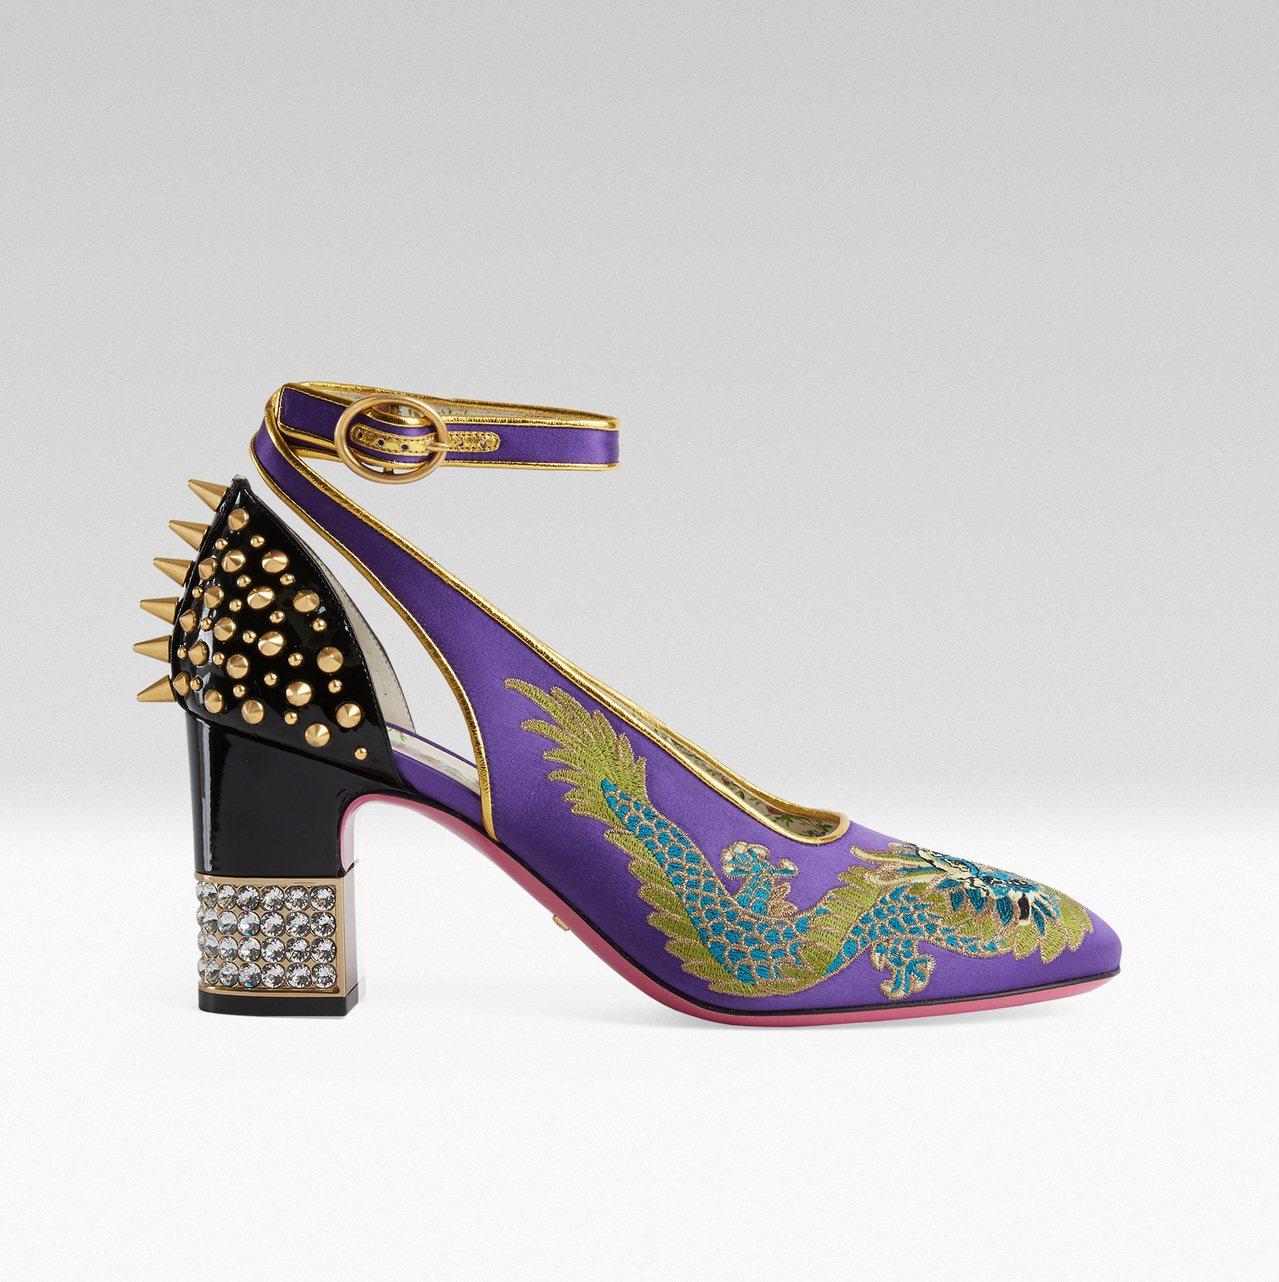 龍刺繡高跟鞋,64,000元。圖/Gucci提供